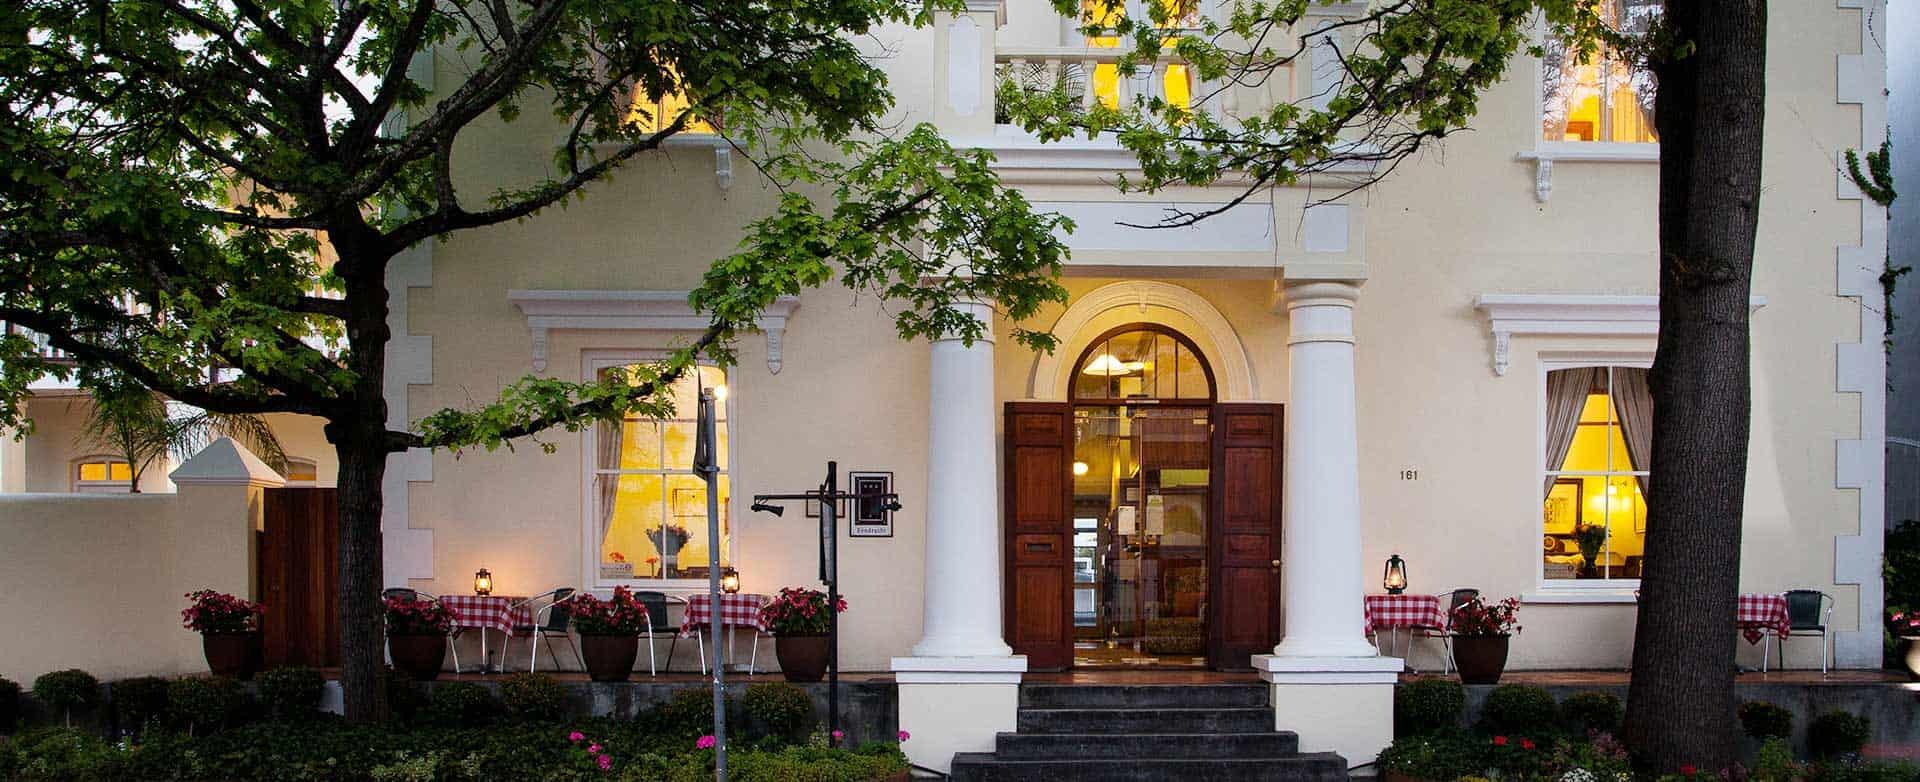 Eendracht hotel front entrance